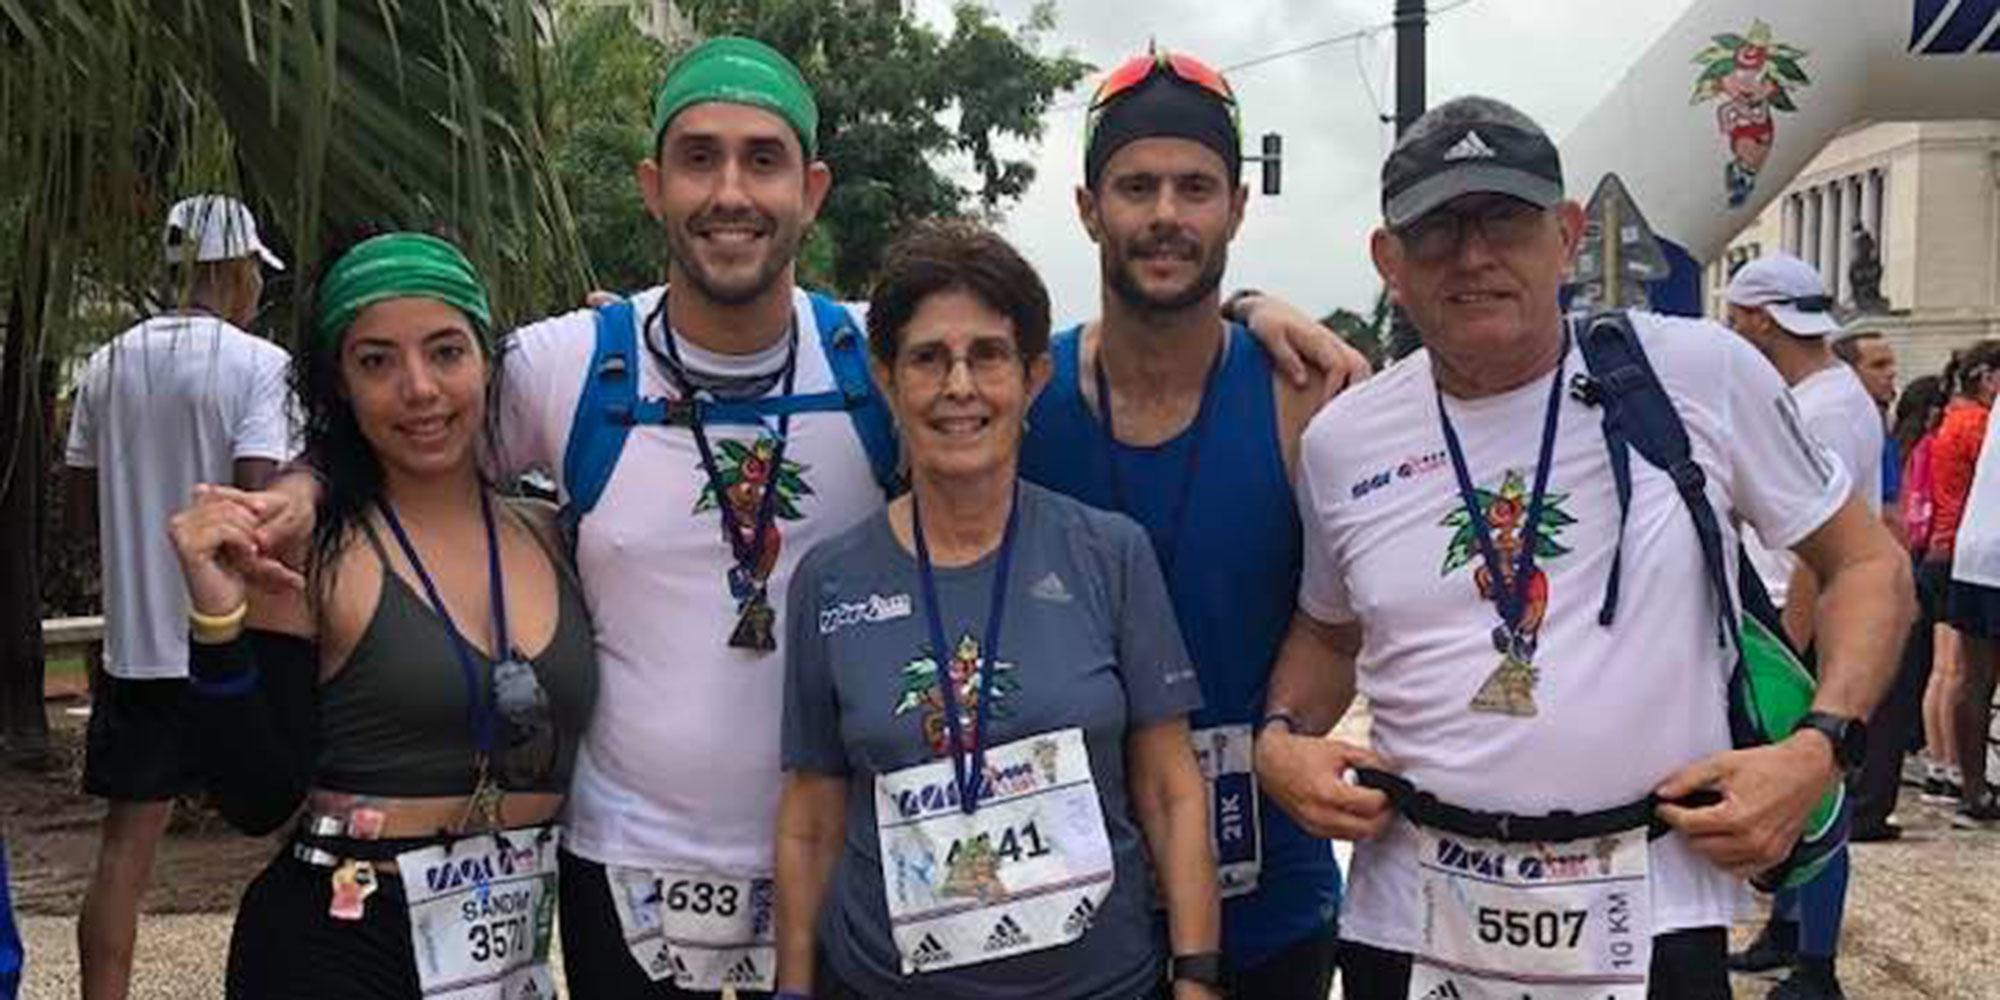 Ils viennent de Cuba, en famille, pour courir le marathon de Paris